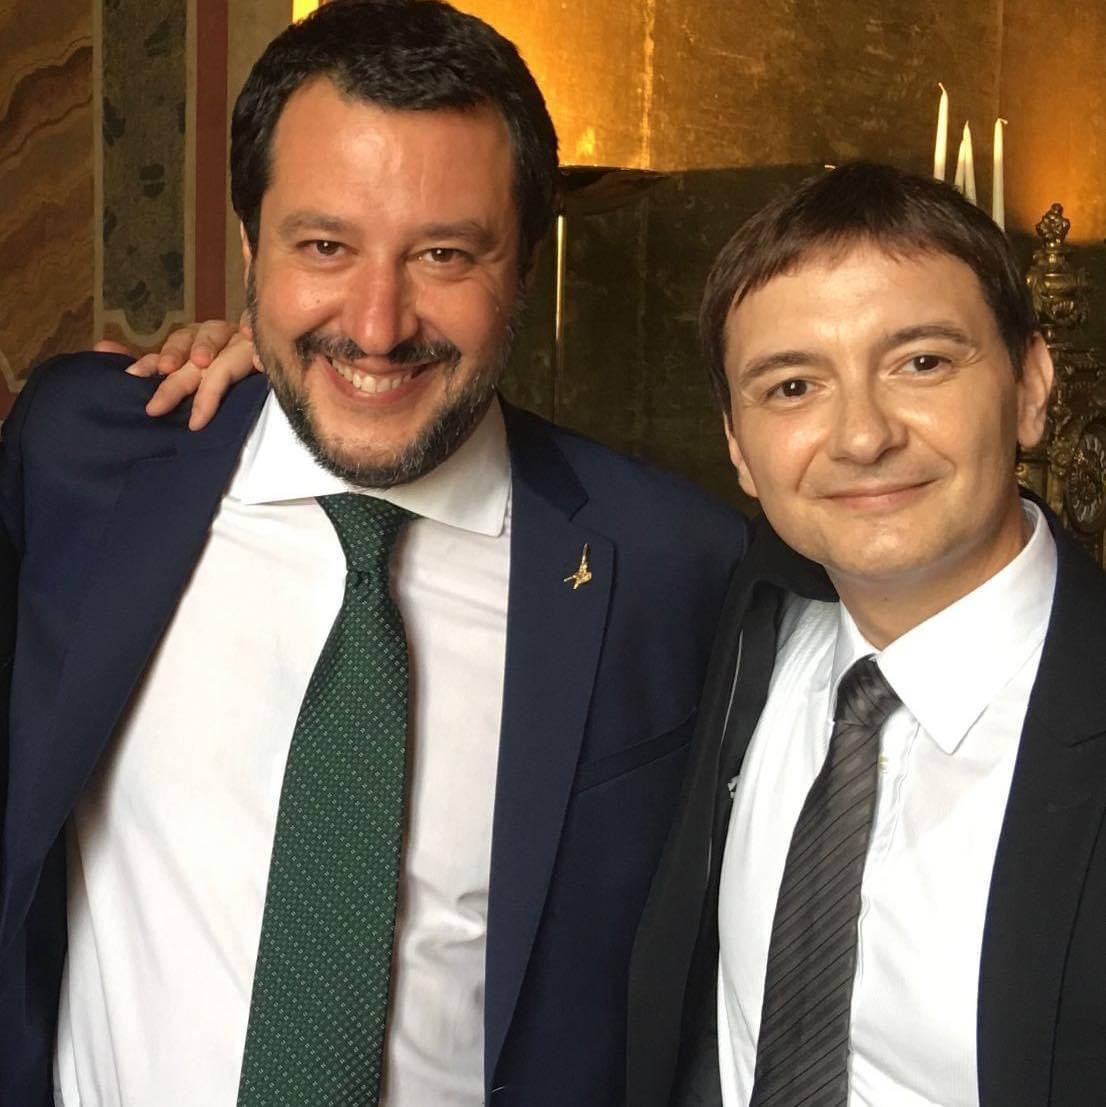 """Morisi indagato, Salvini: """"Un amico. Conta su di me"""""""